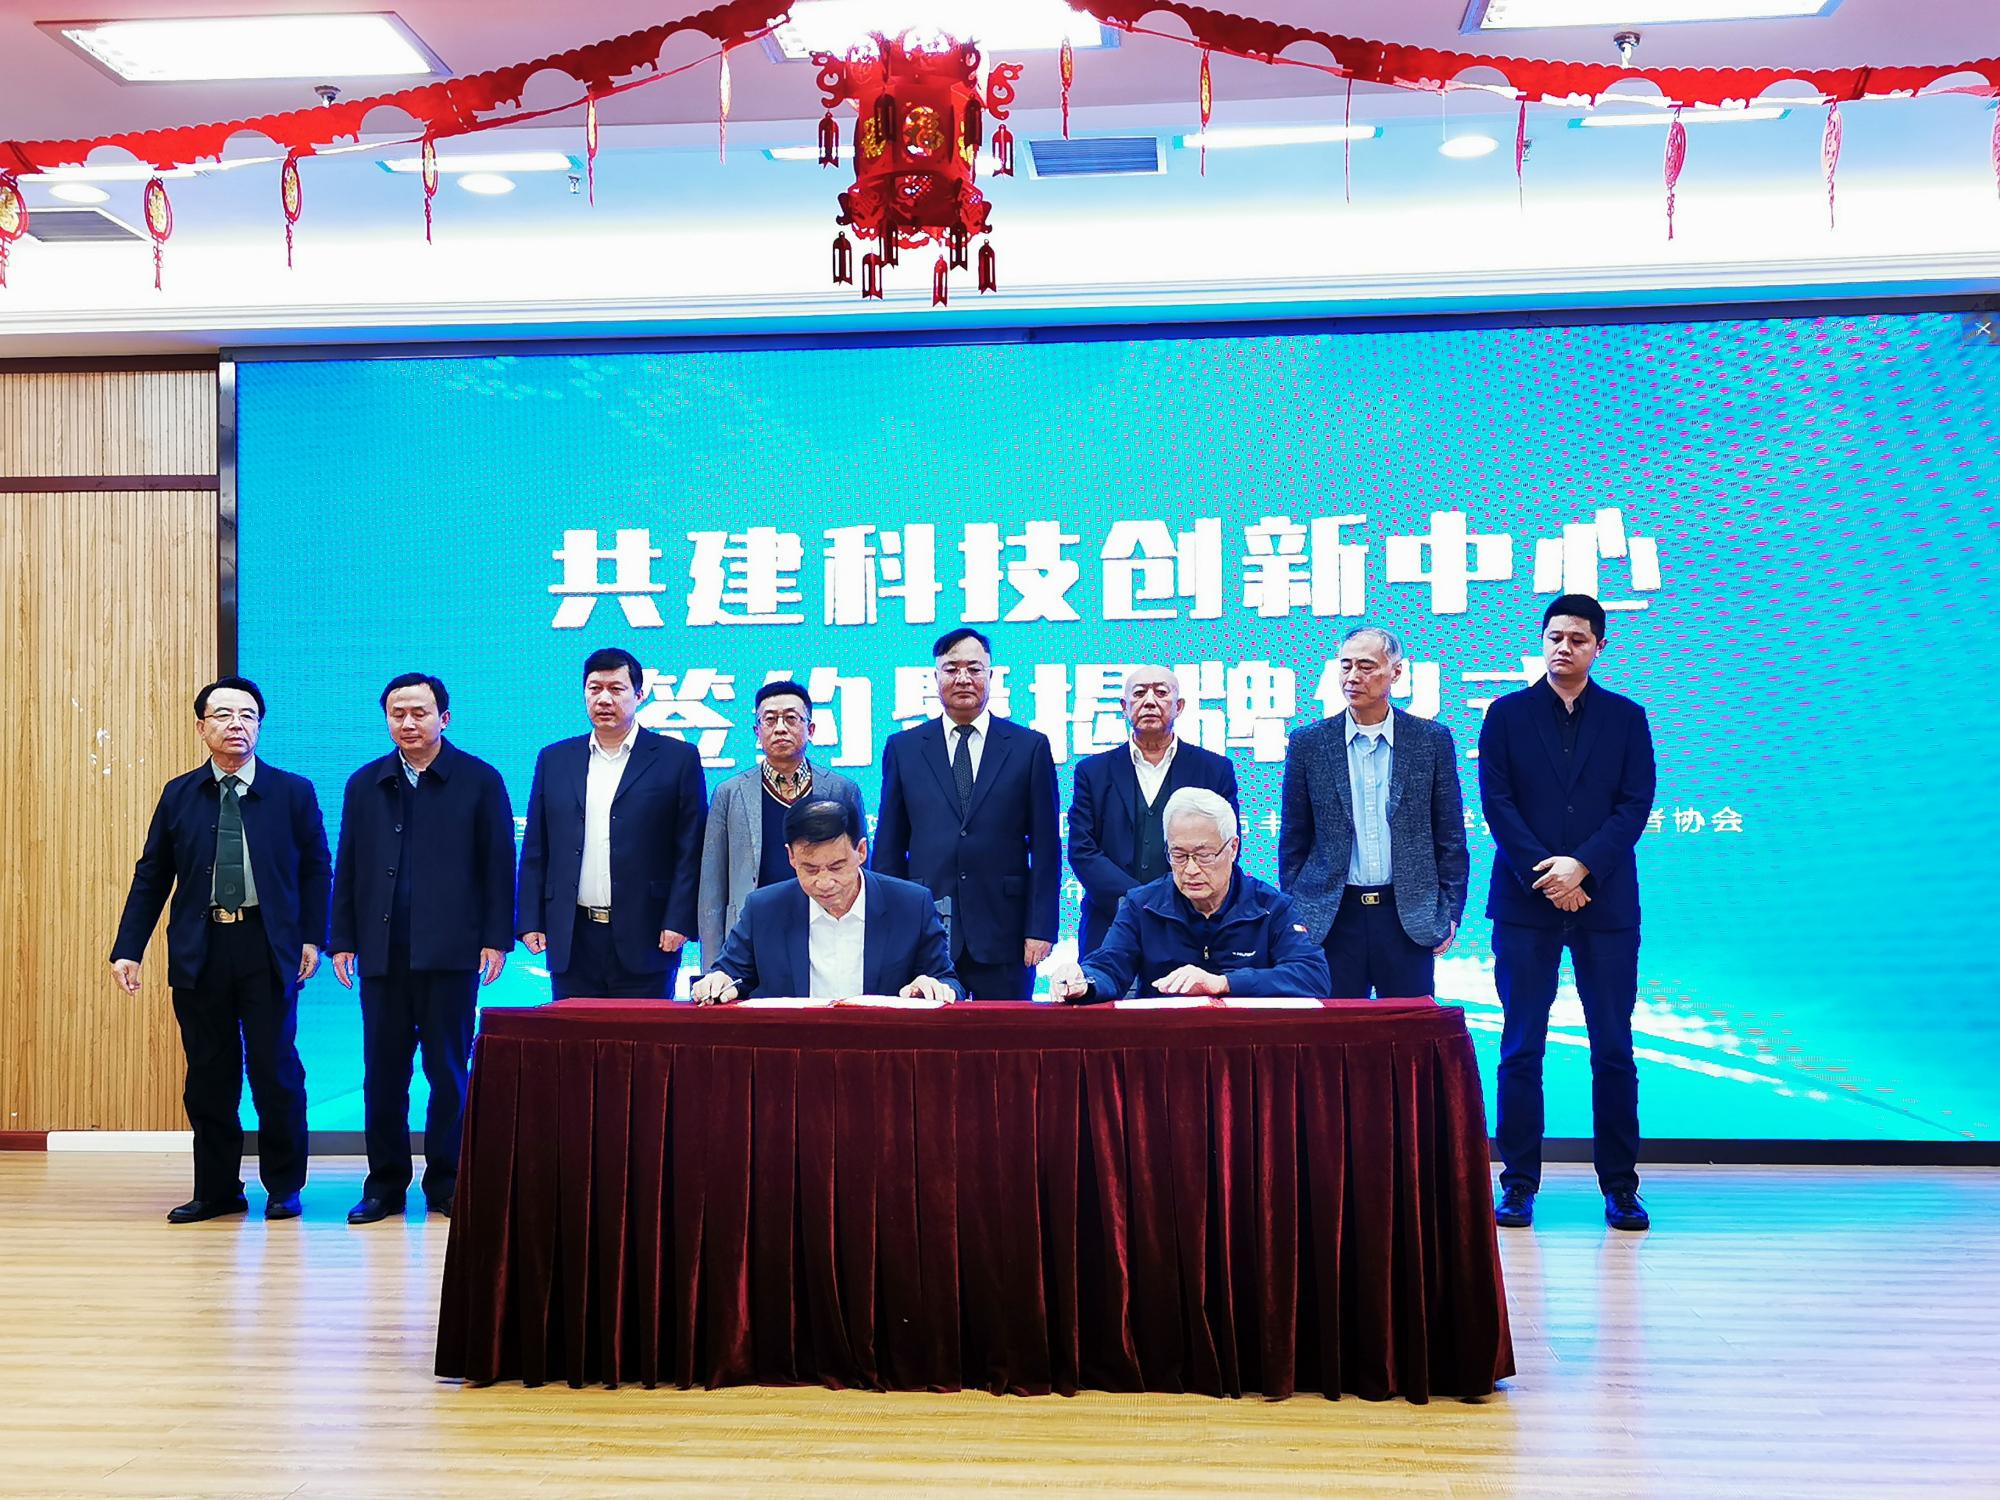 中国老教授协会郭解研究所科技创新中心落户丰台